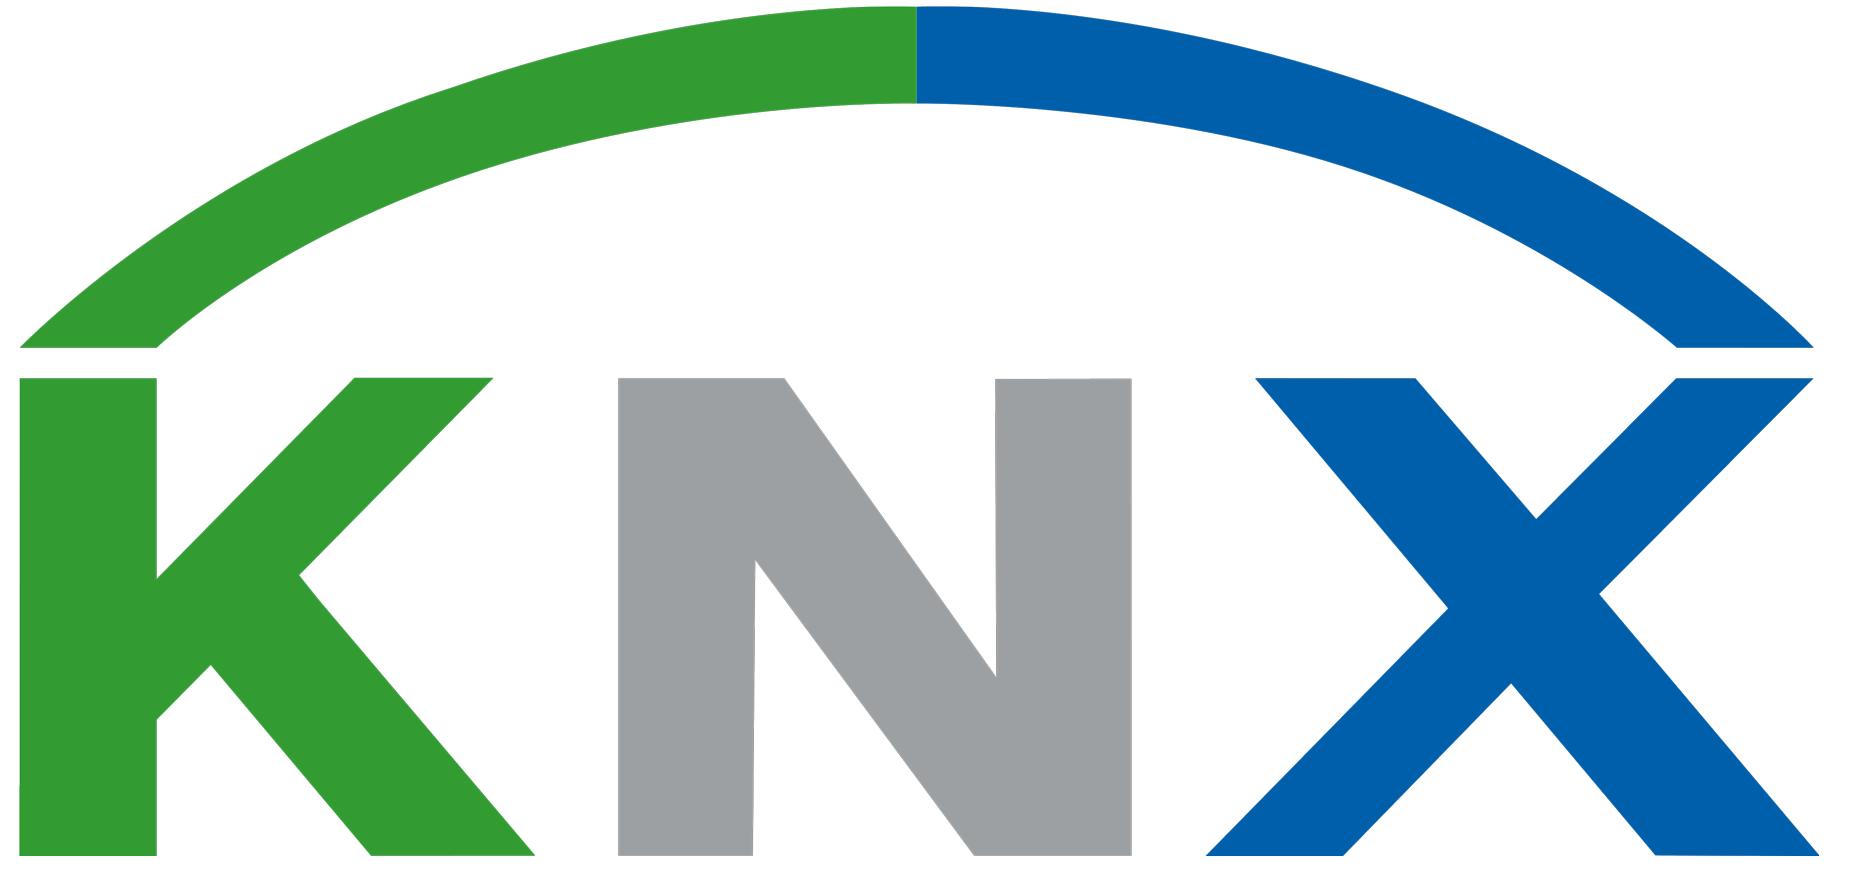 توپولوژی KNX در هوشمند سازی خانه ، KNX در ساختمان خوشمند، KNX در خانه هوشمند